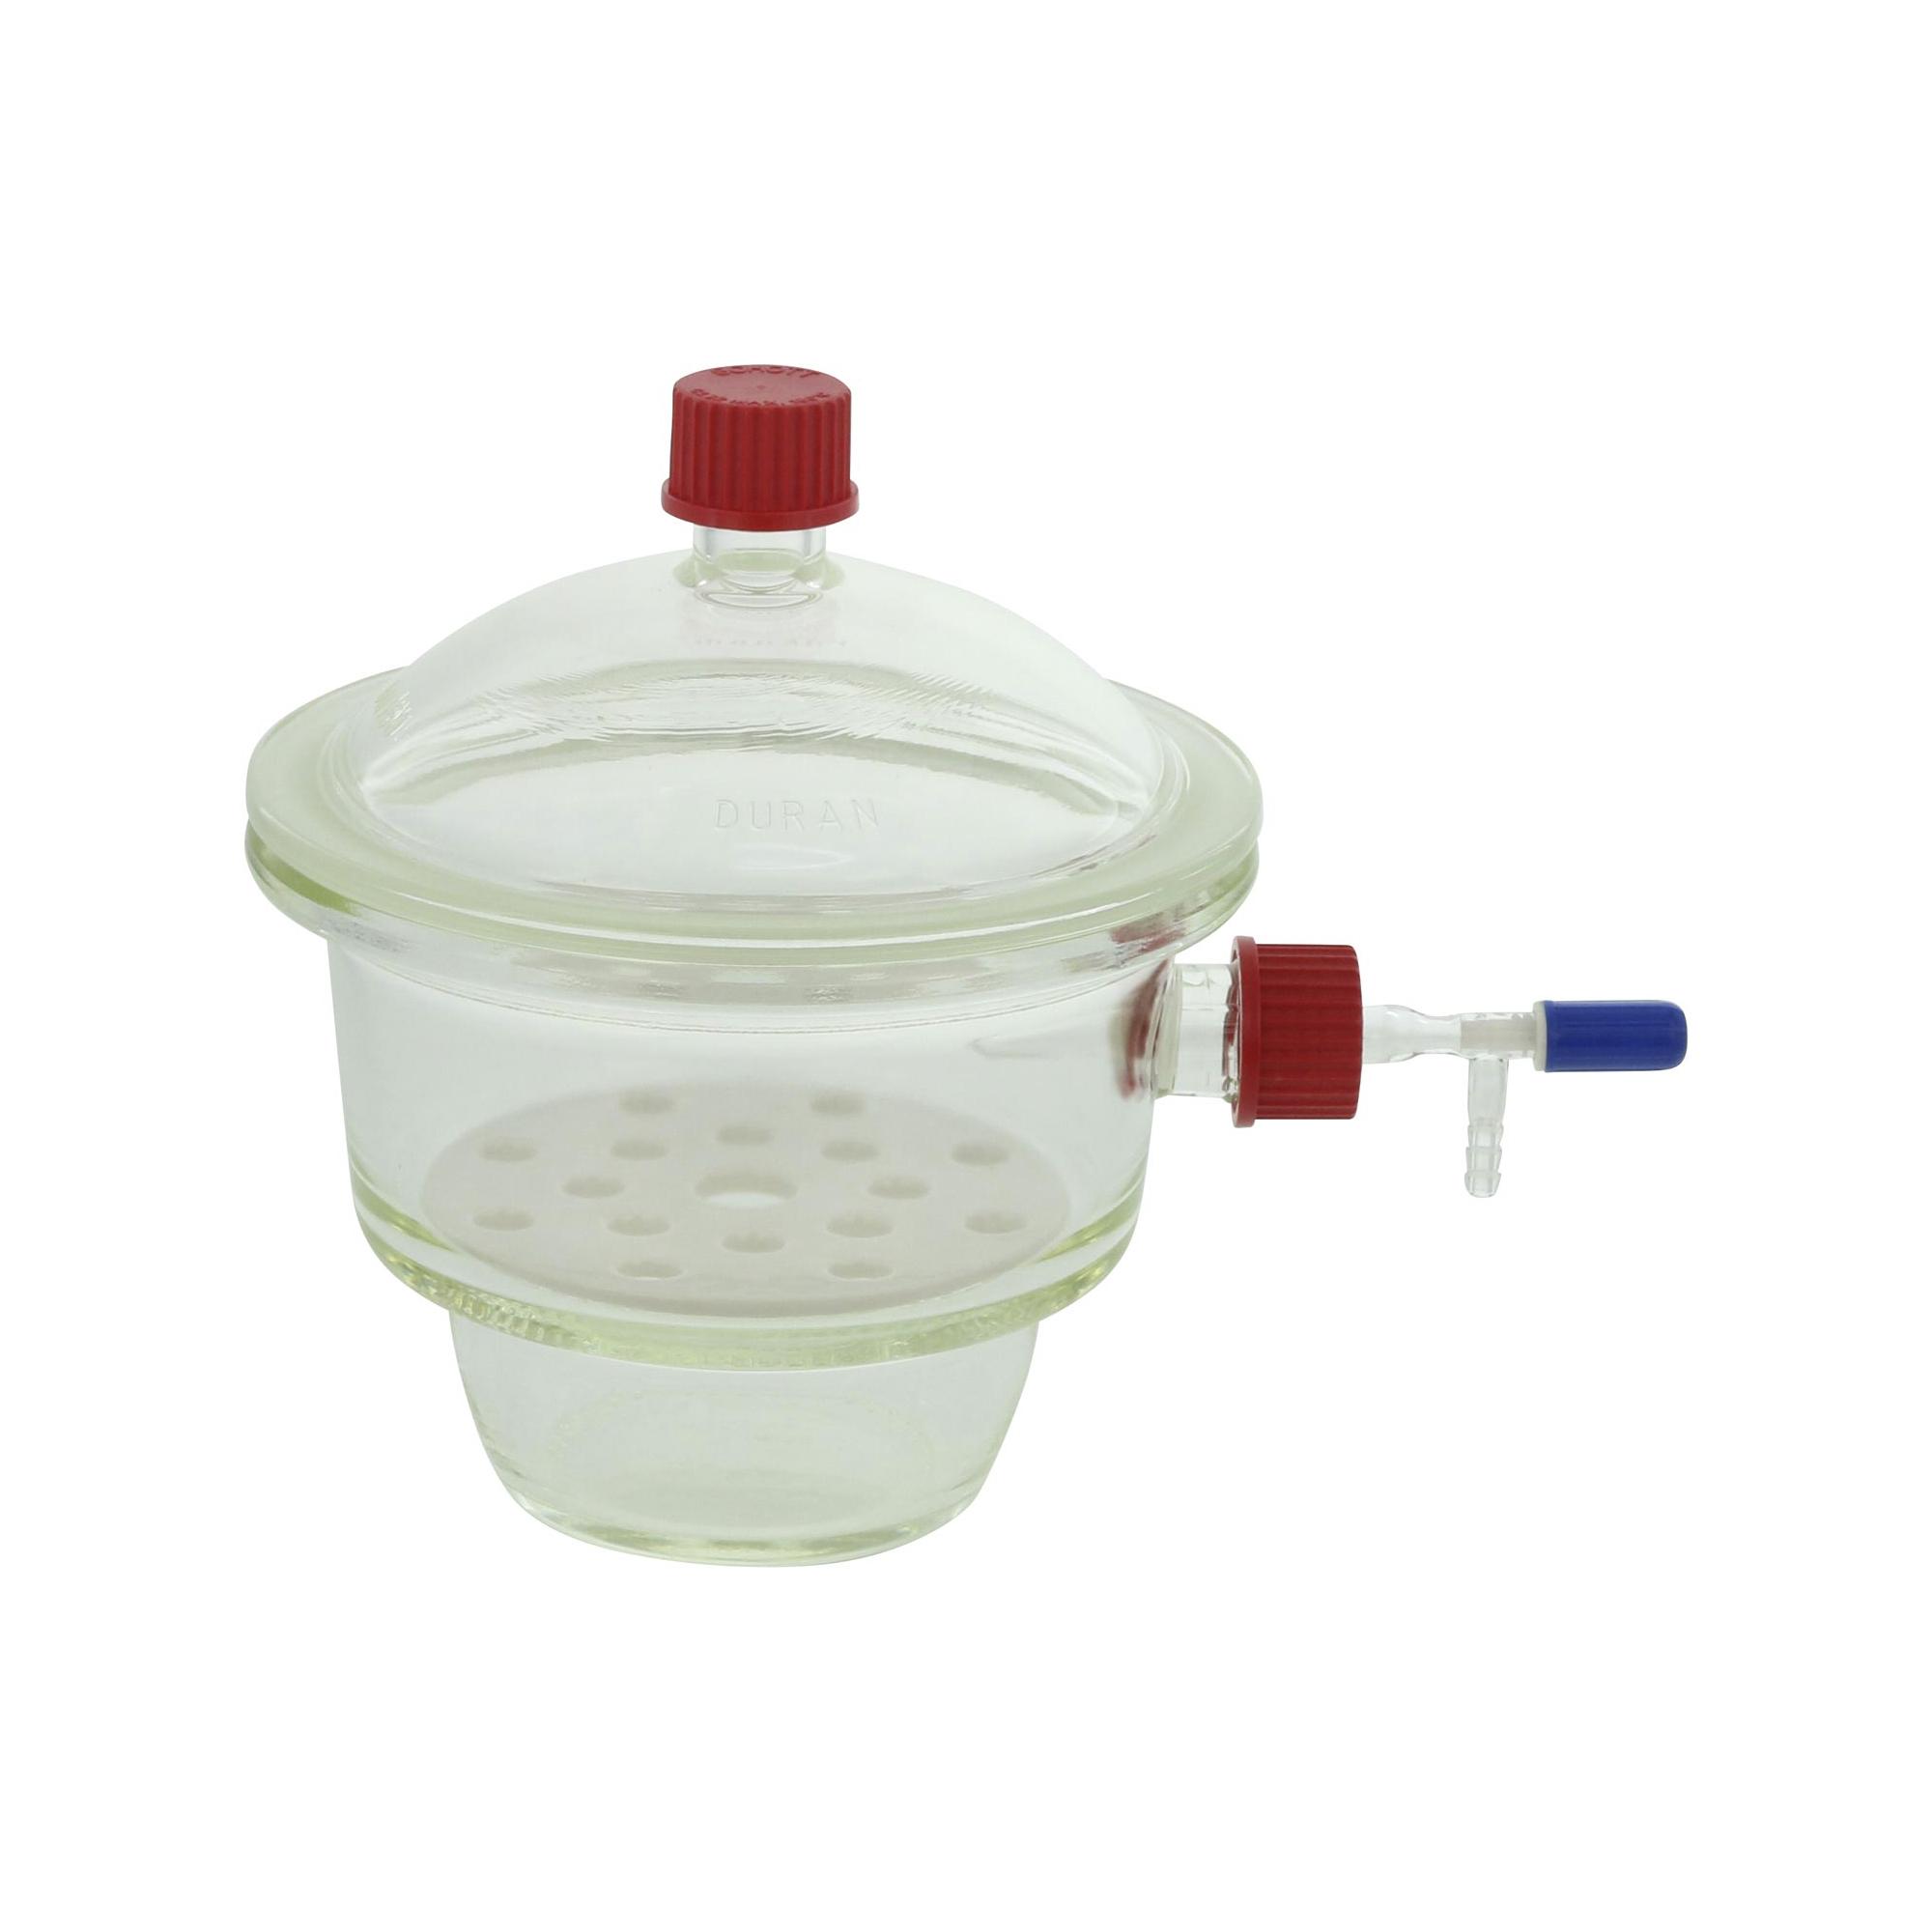 ねじ口デシケーター横口 コック付、中板、プラスチックキャップ付 GL-32 DURAN®